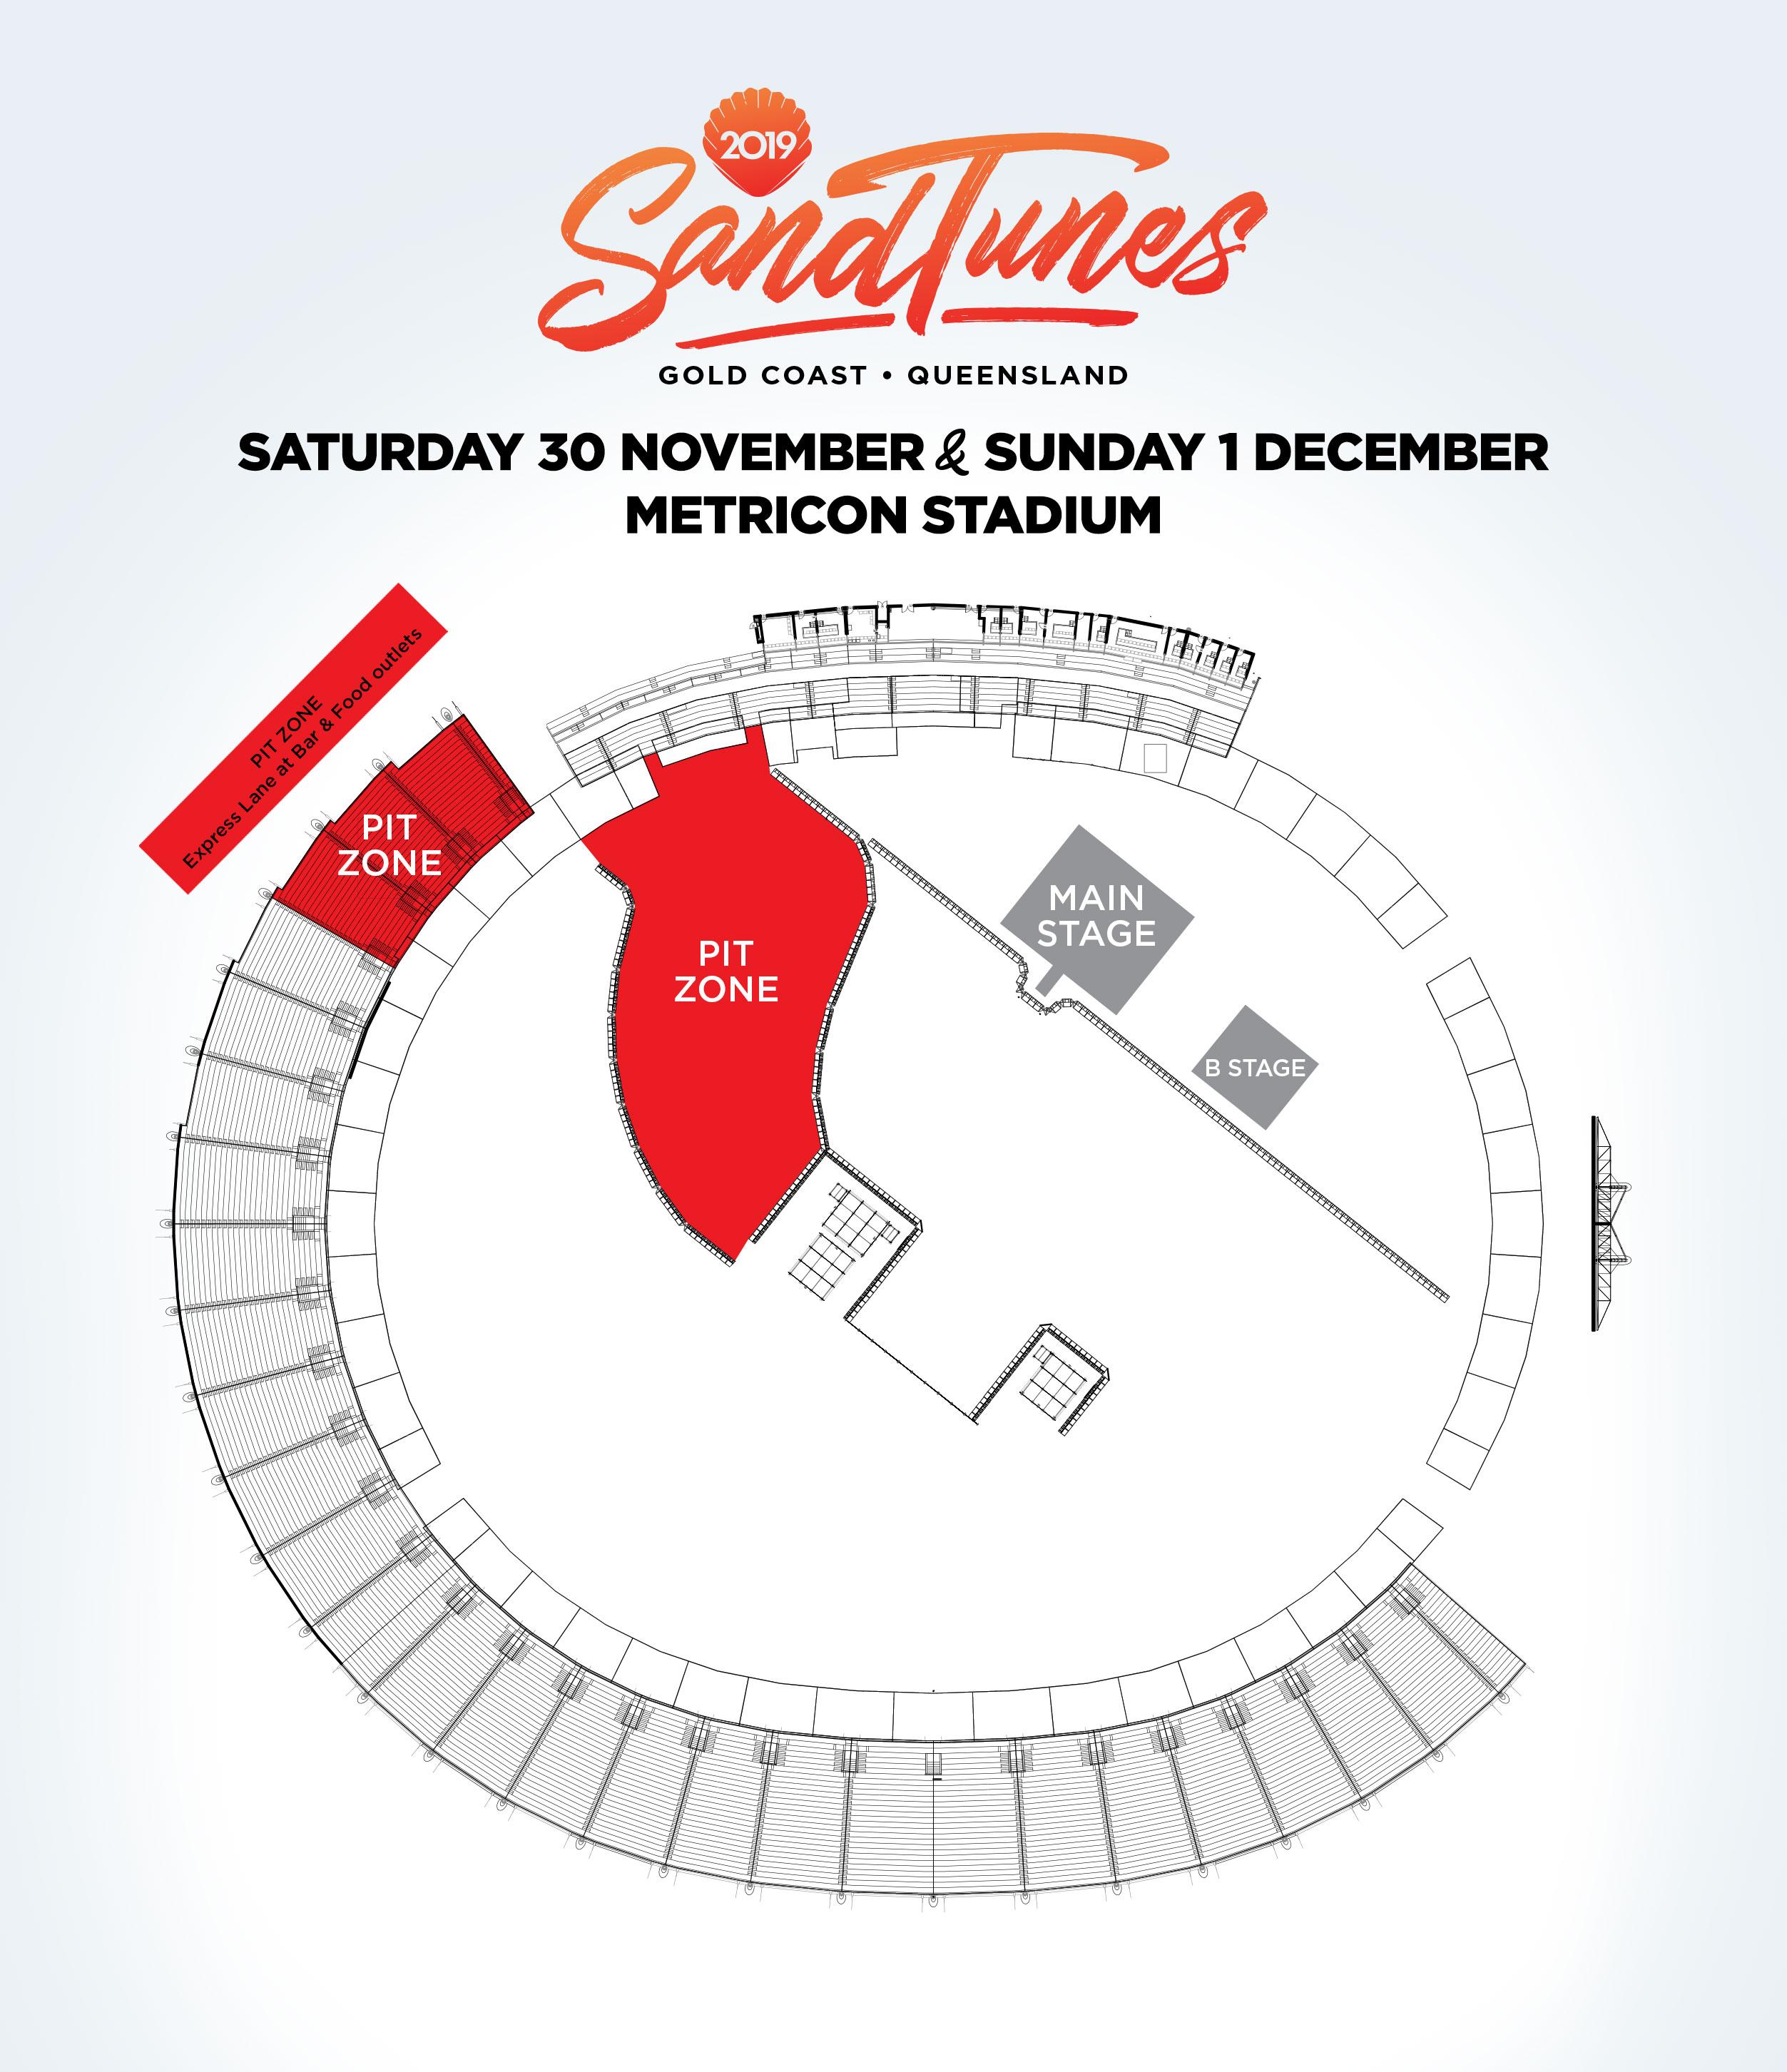 SandTunes Festival Venue Change Sat 30 Nov - Sun 1 Dec